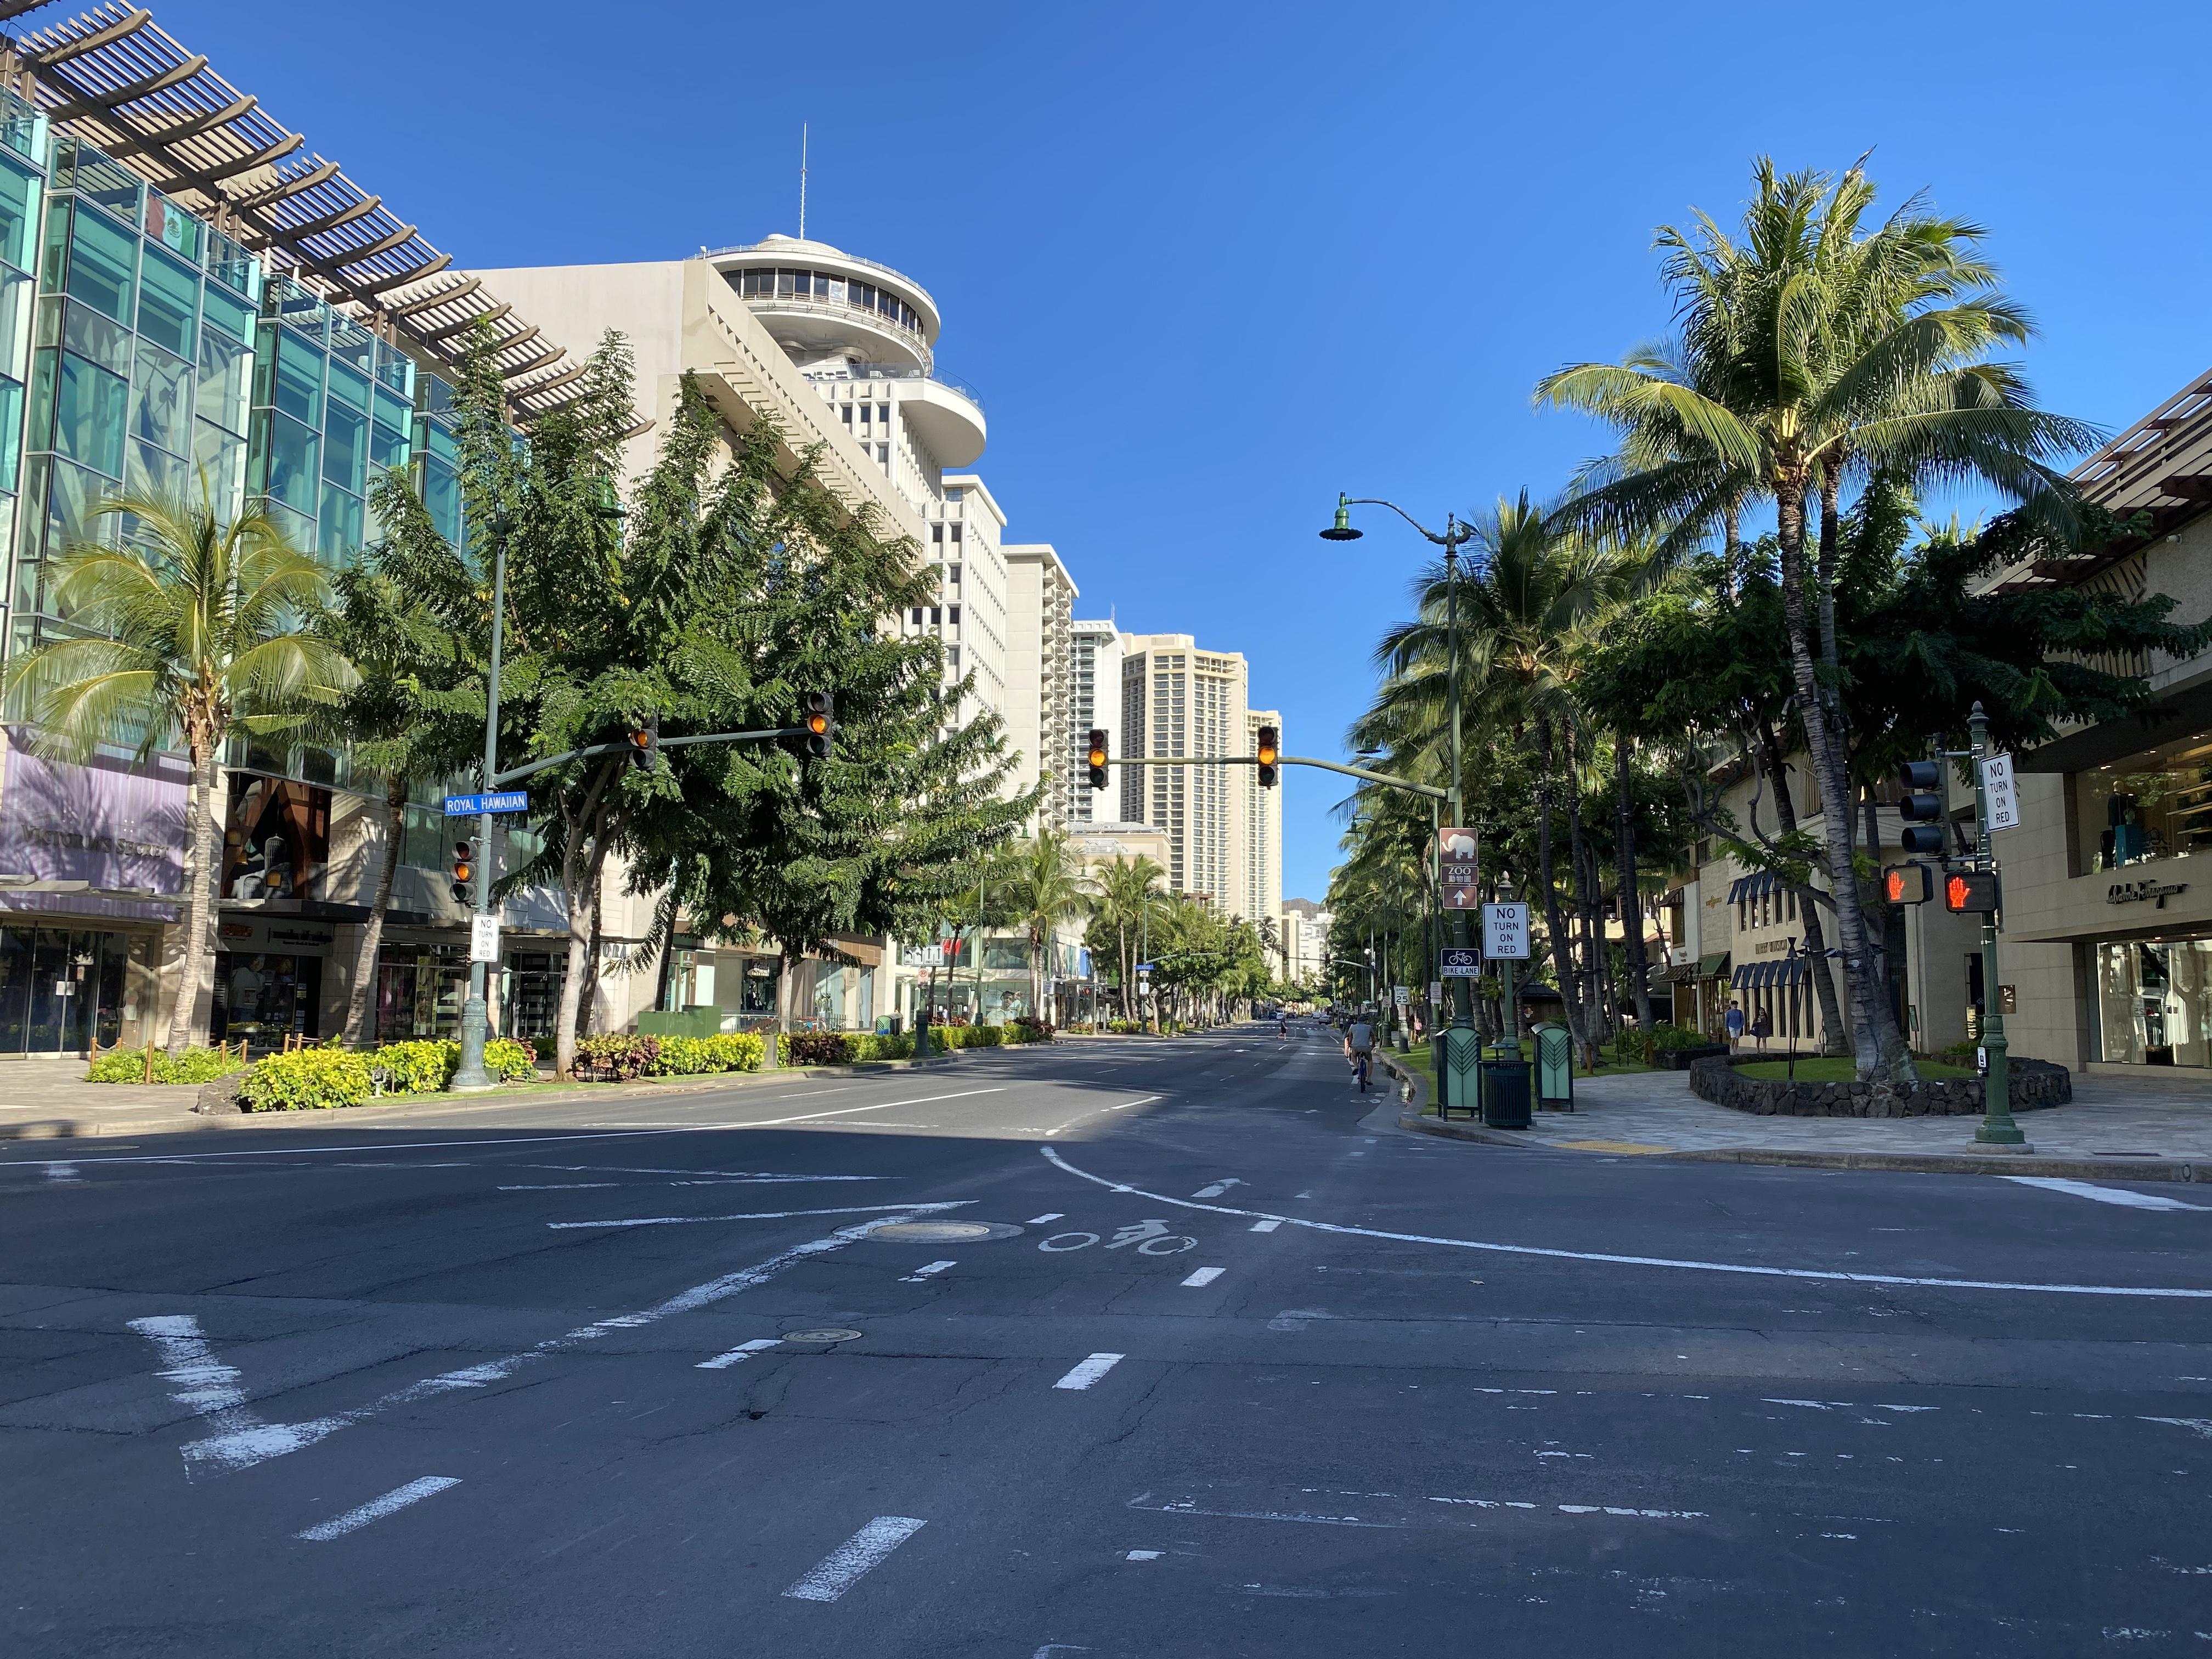 Waikiki がゴーストタウンになってます